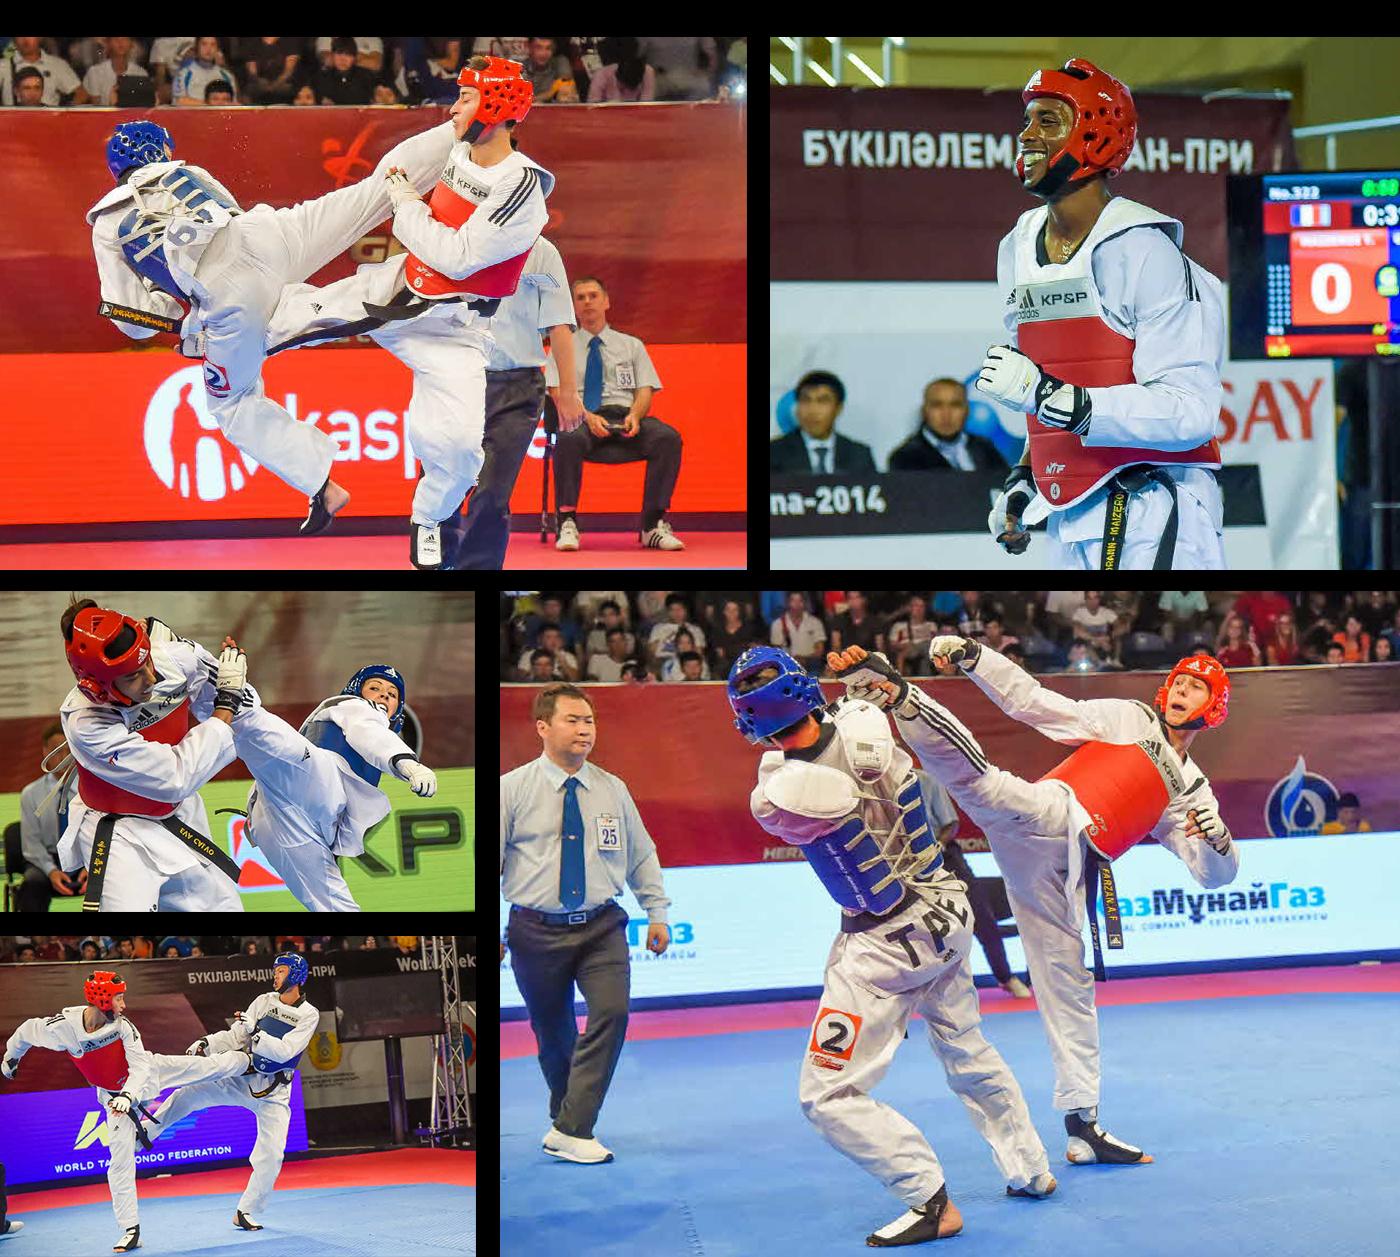 Taekwondo, Karate, Judo, Jiu-jitsu, MMA